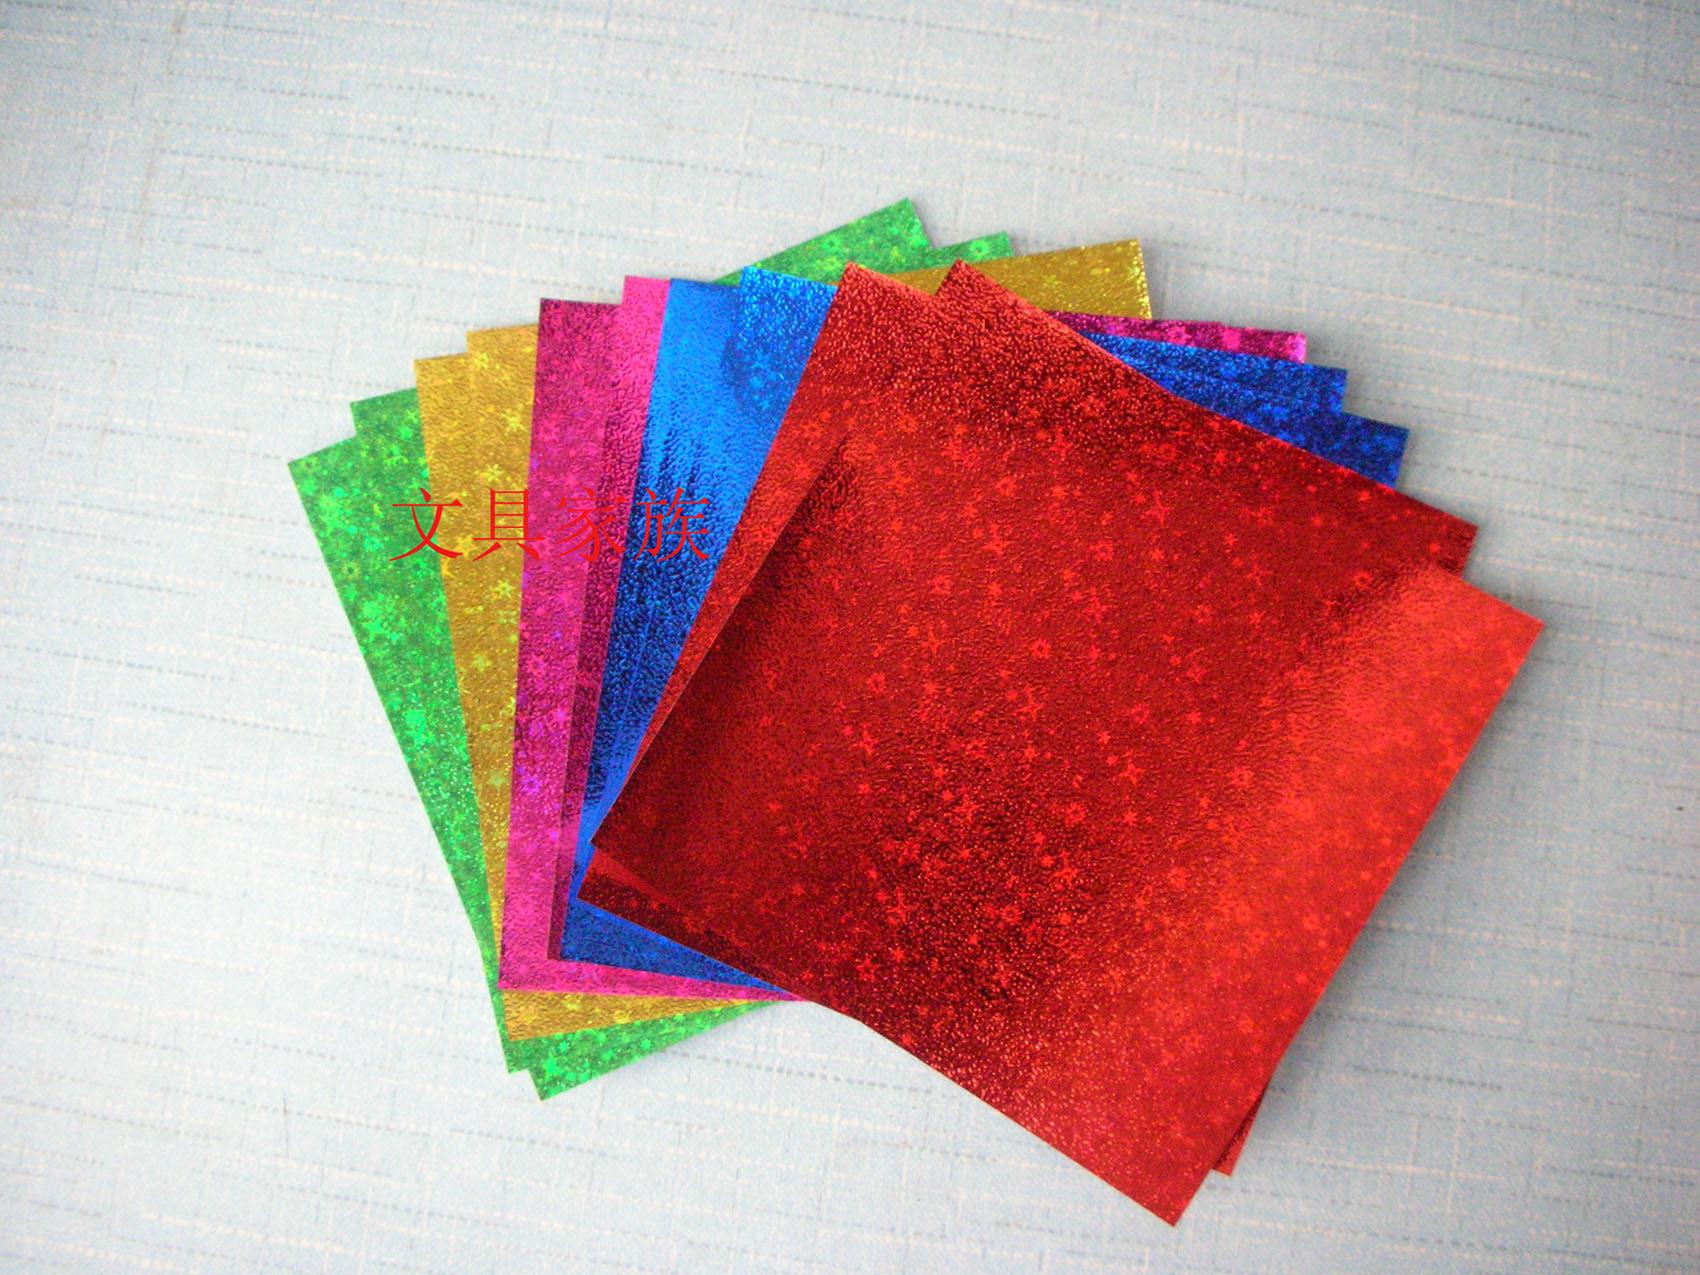 Ручной работы бумага pepa тысячу бумажных журавликов оригами вспышка бумага мое стрелять бумага роуз оригами 10 чжан 15*15cm красивый